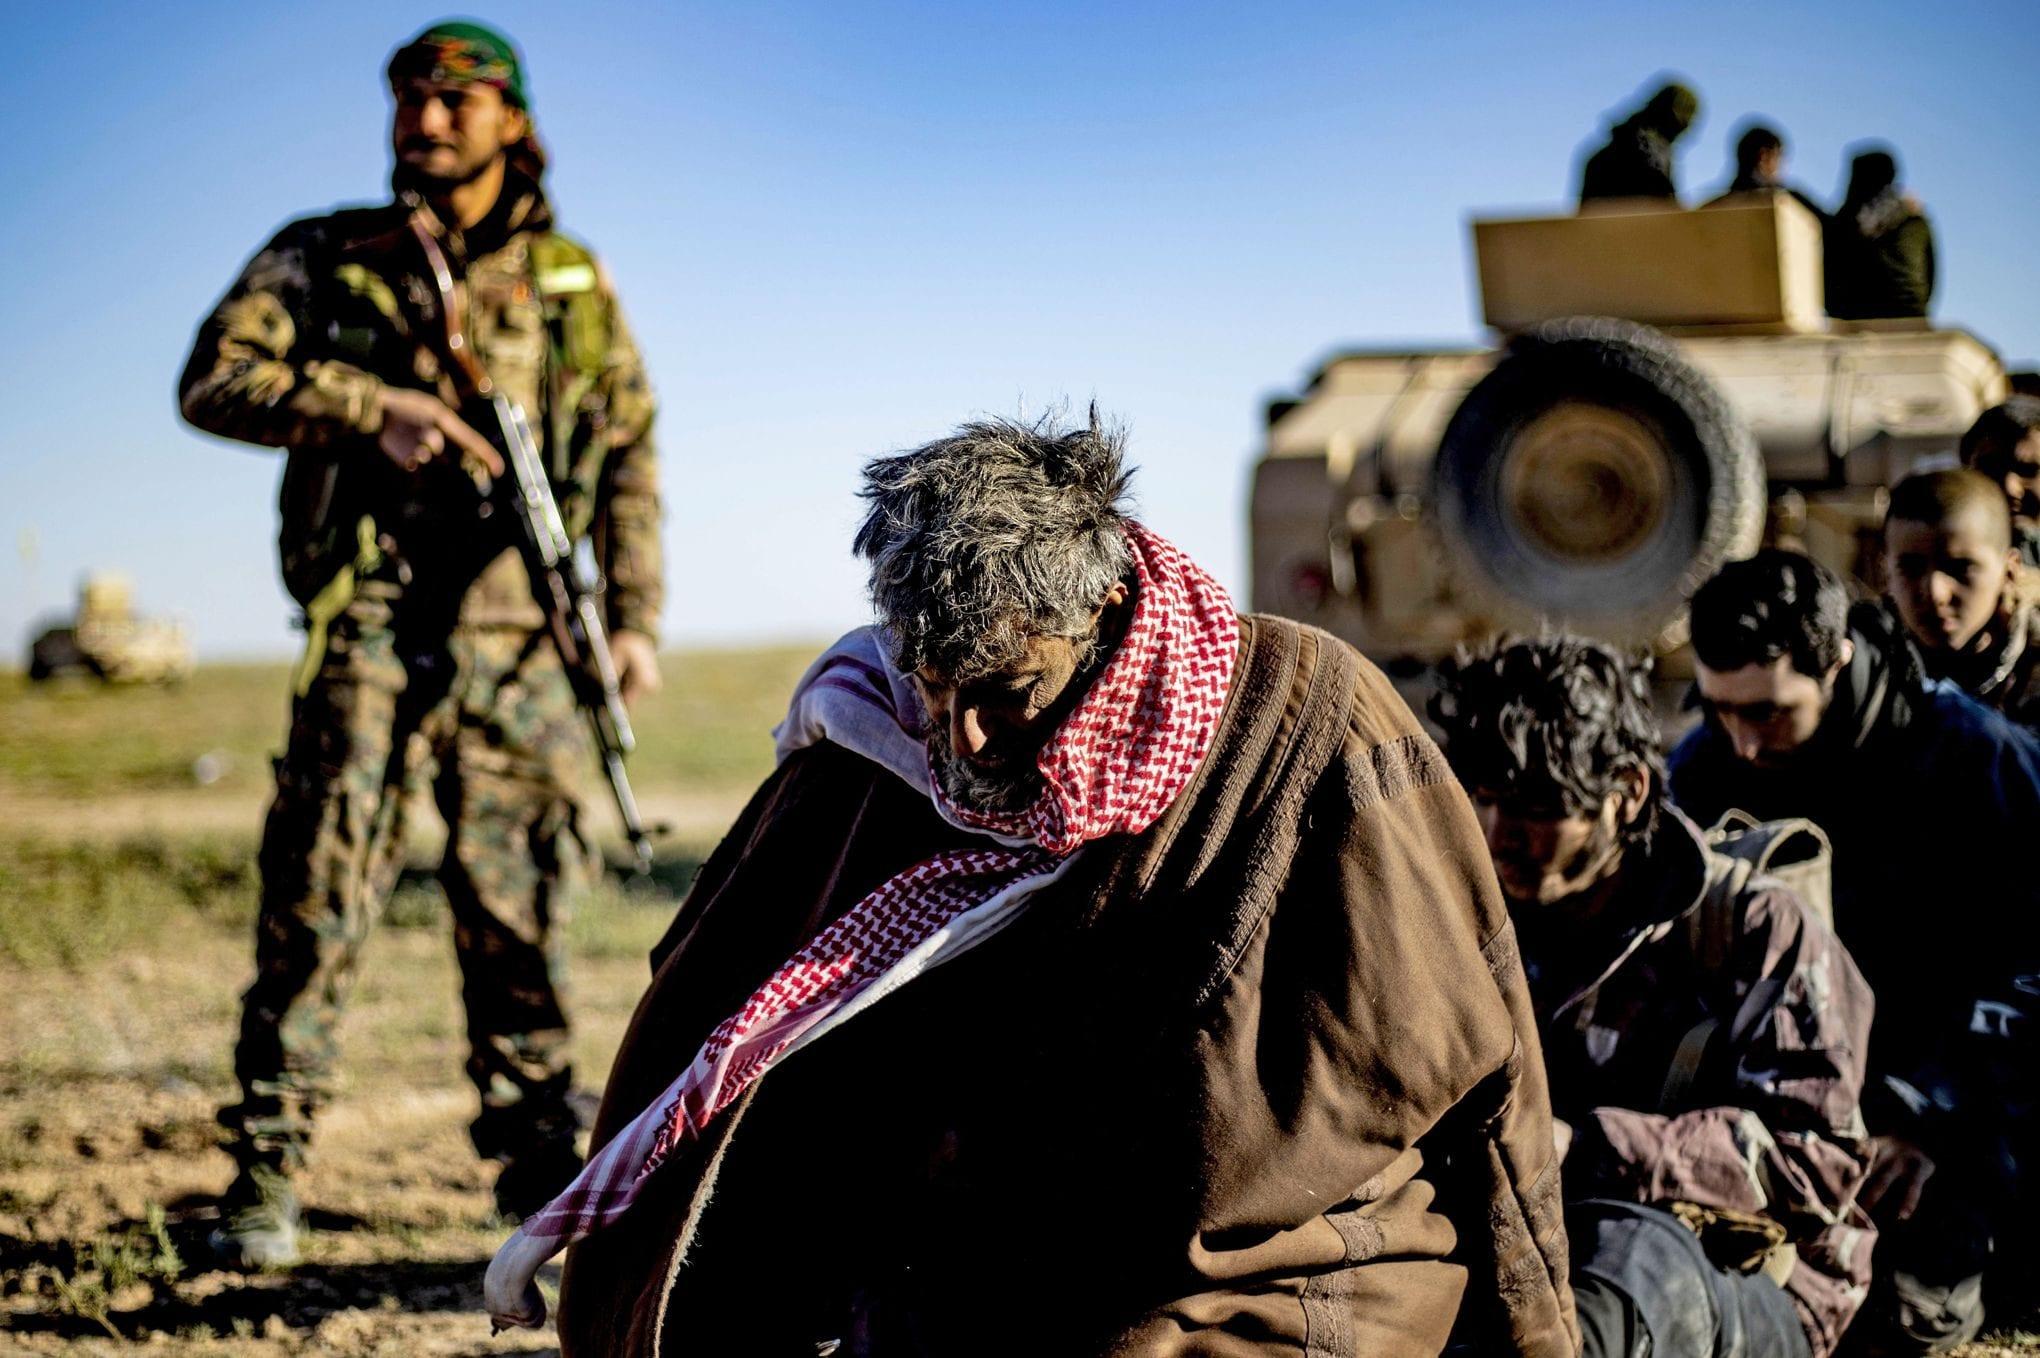 Le Forze democratiche siriane (Sdf) hanno catturato circa 12mila miliziani dell'Isis (Gettyimages)